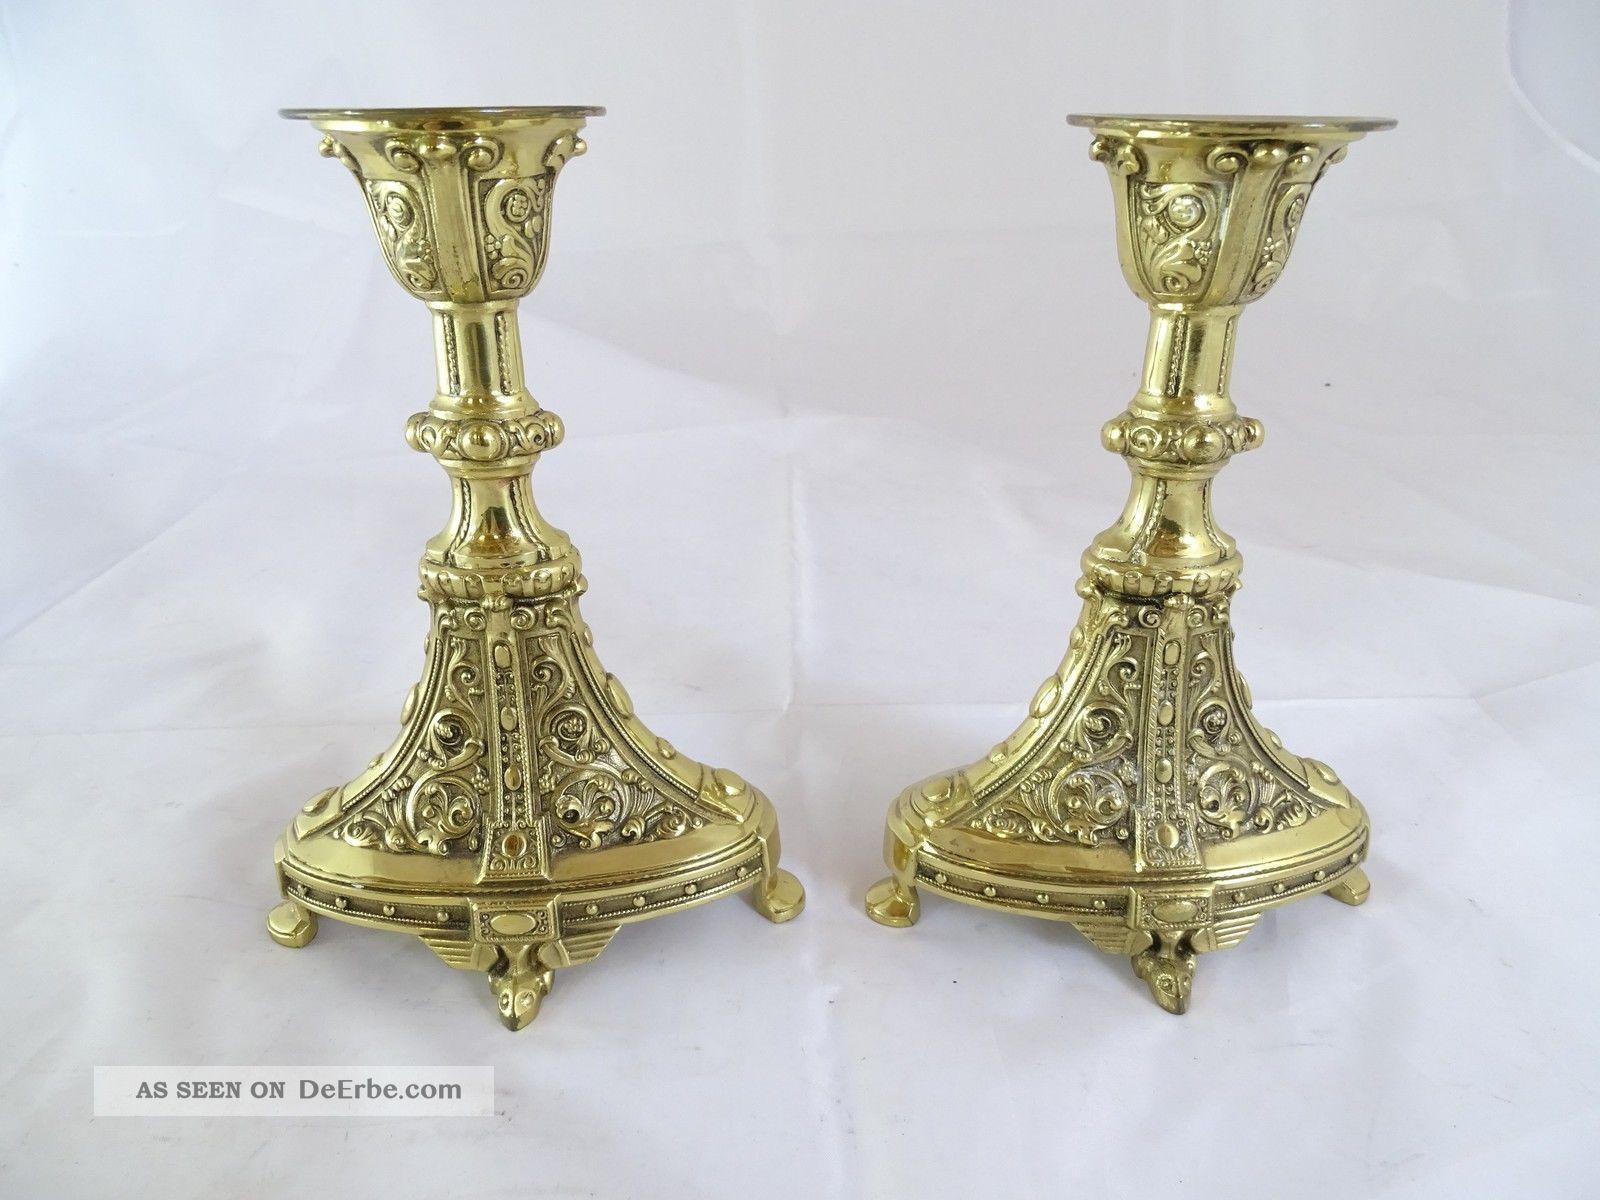 Paar Antike Seltene Kerzenhalter Kandelaber Wohl Erhard & Söhne Gmünd Messing 1890-1919, Jugendstil Bild